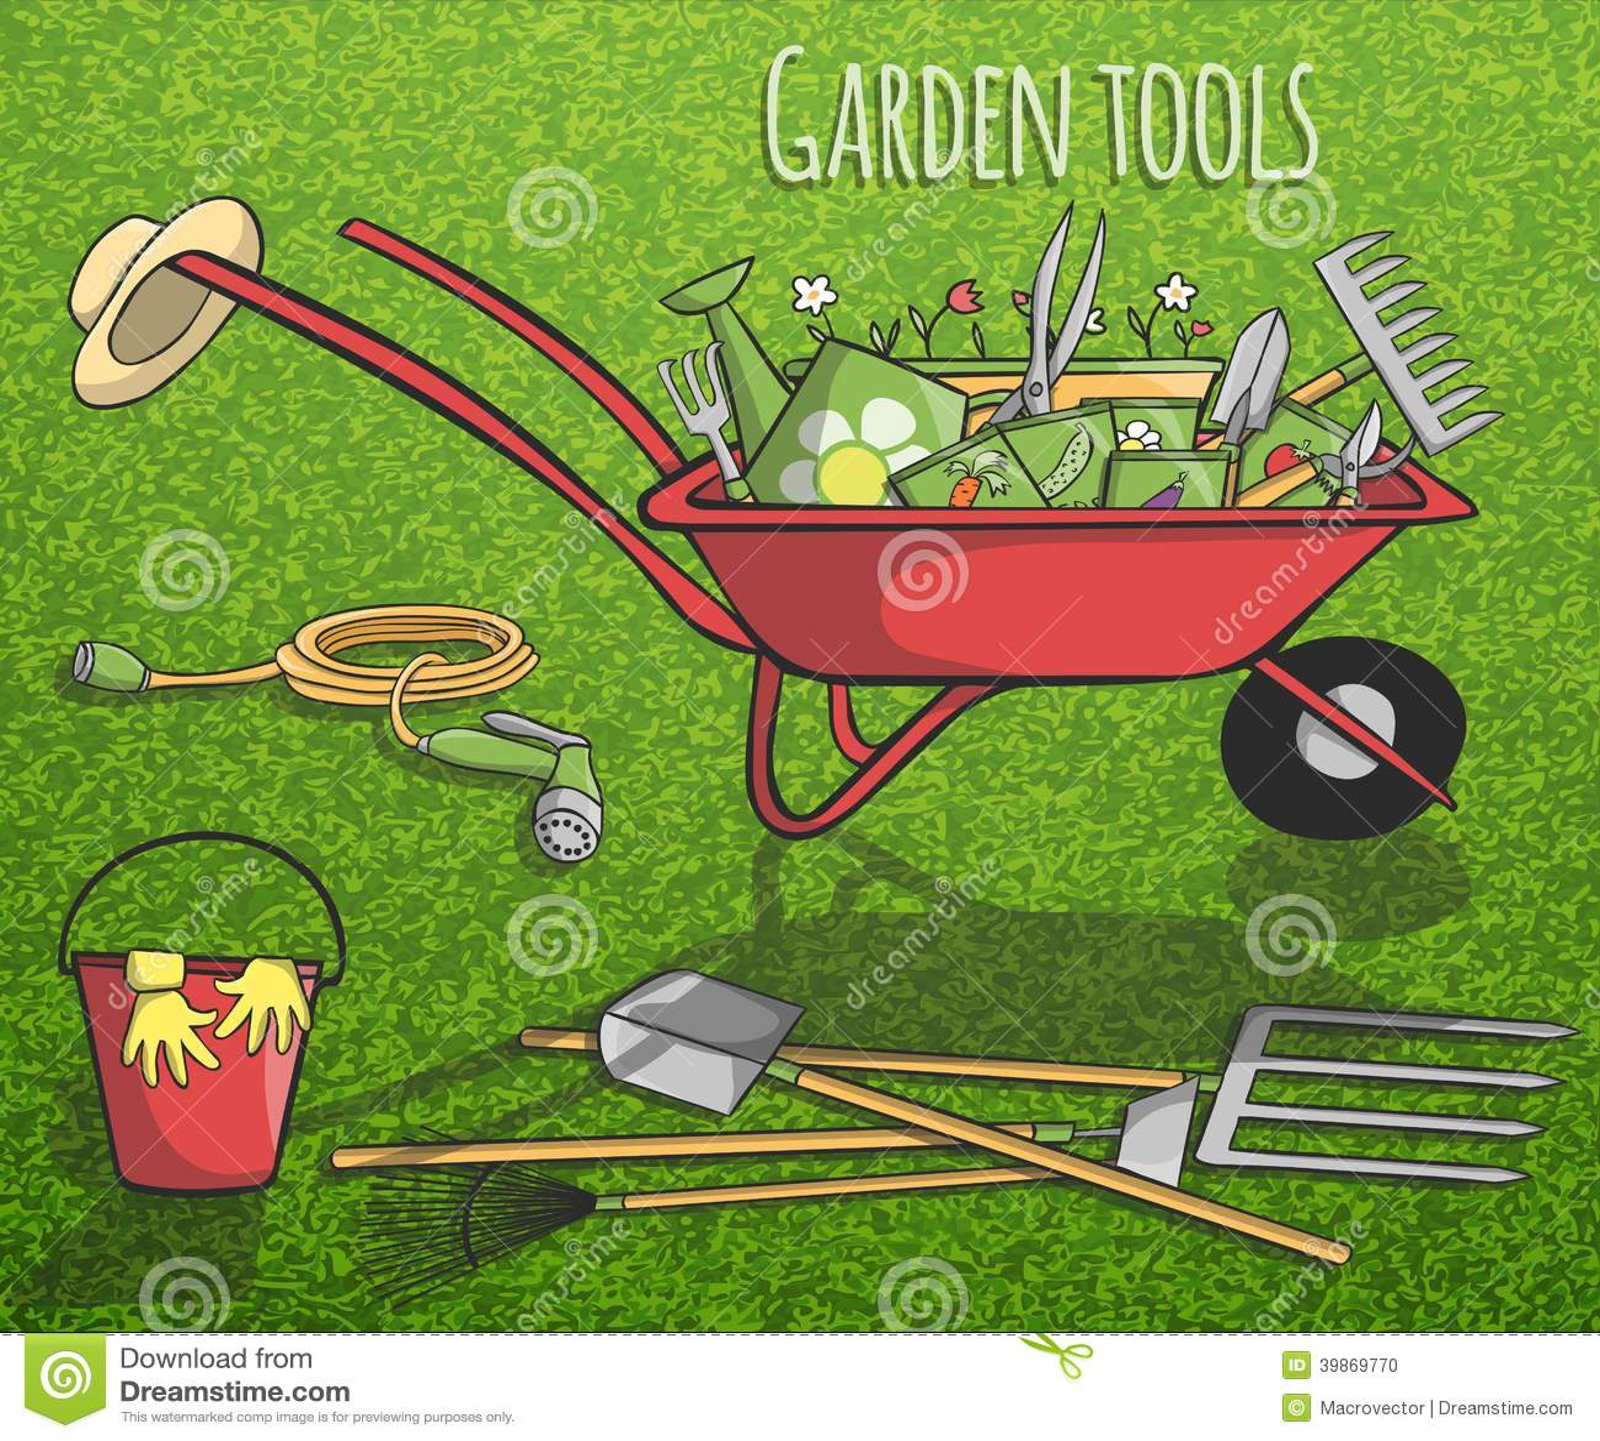 Affiche de concept d 39 outils de jardin illustration de for Outil de conception jardin